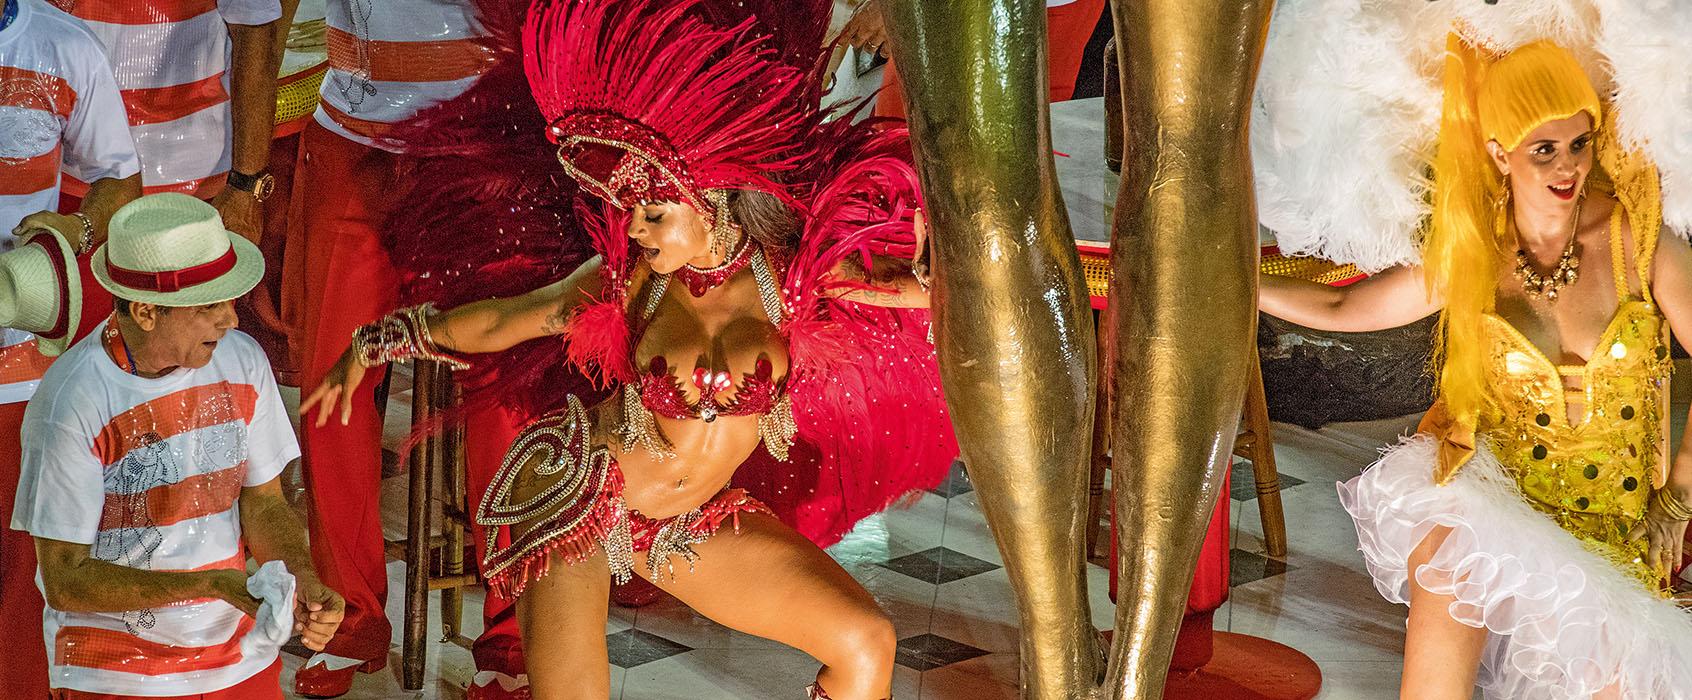 mvg_Rio_#58_Carneval